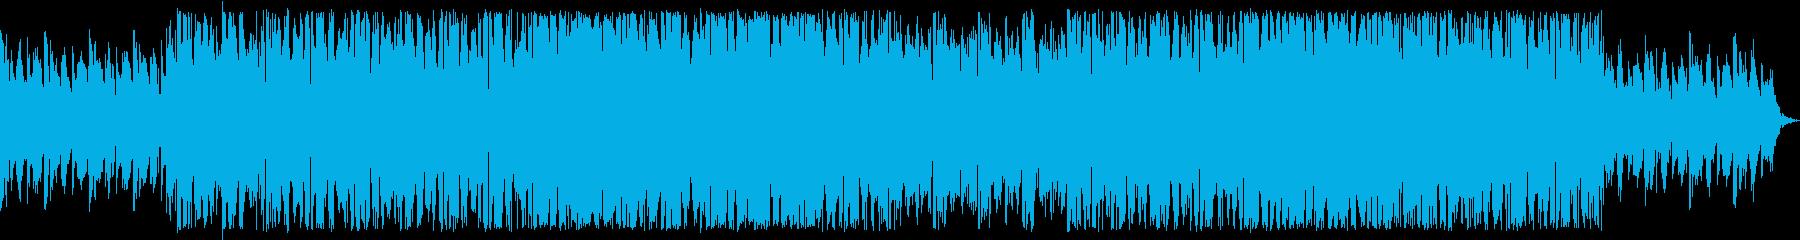 激しいテクノロック調のBGMの再生済みの波形